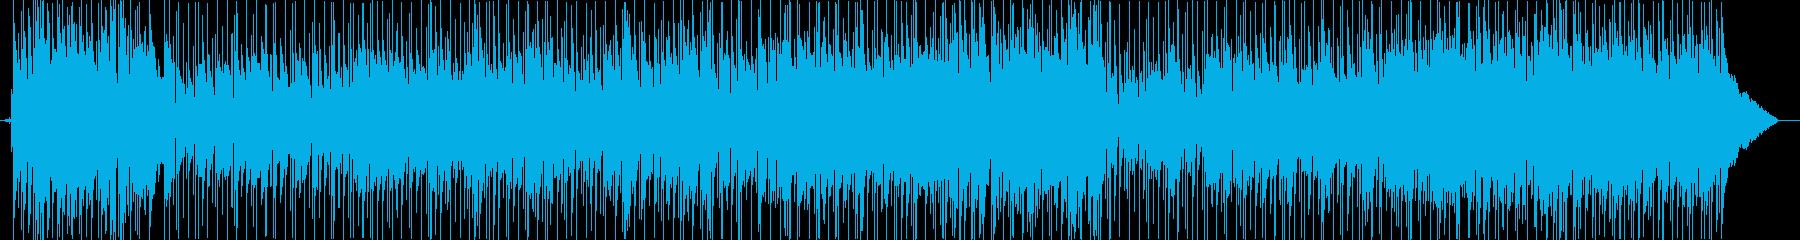 ダブルエンテンドファニークィーキーソングの再生済みの波形